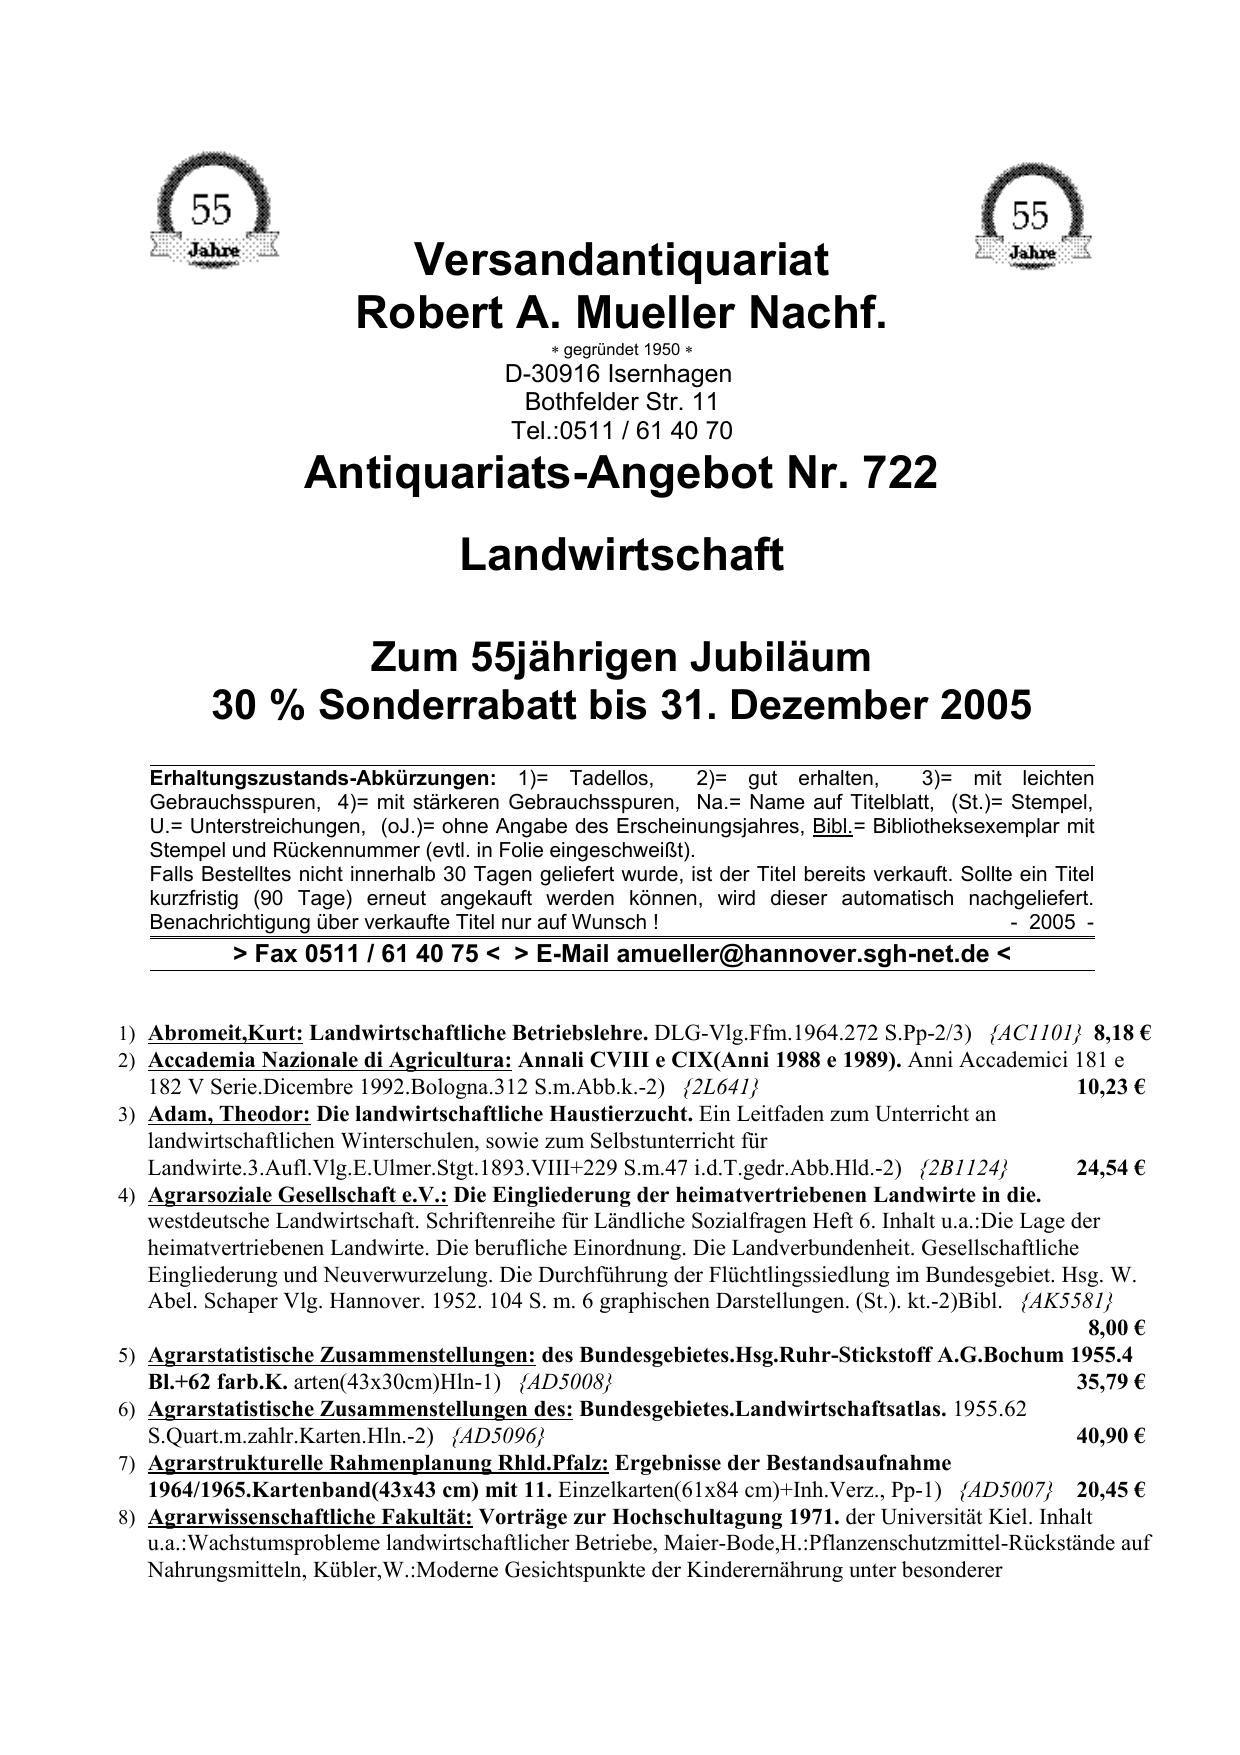 Antiquitäten & Kunst Praktische Düngerlehre Nährstoffe D Pflanzen&eigenschaften Ackerboden1875 Alte Berufe Wolff